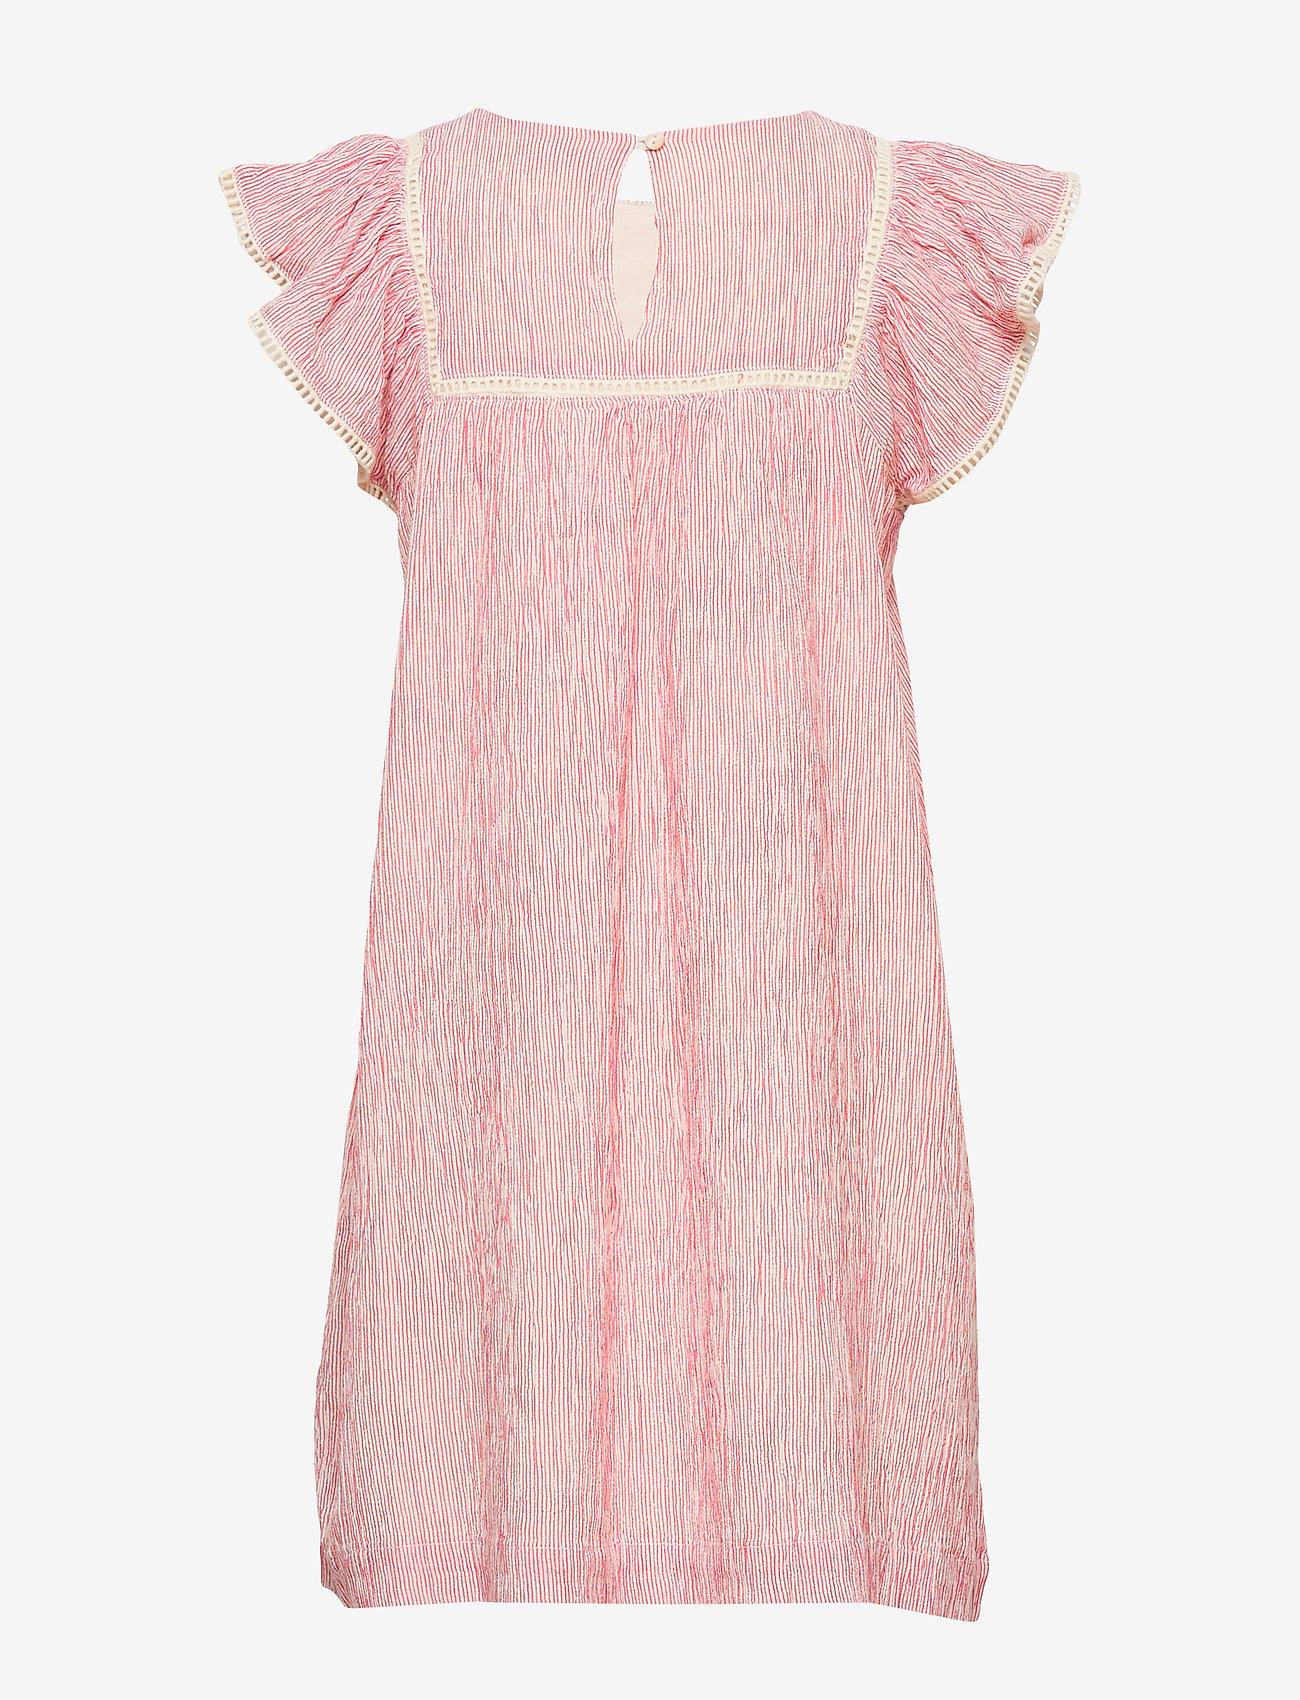 Noa Noa Miniature - Dress short sleeve - jurken - paprika - 1